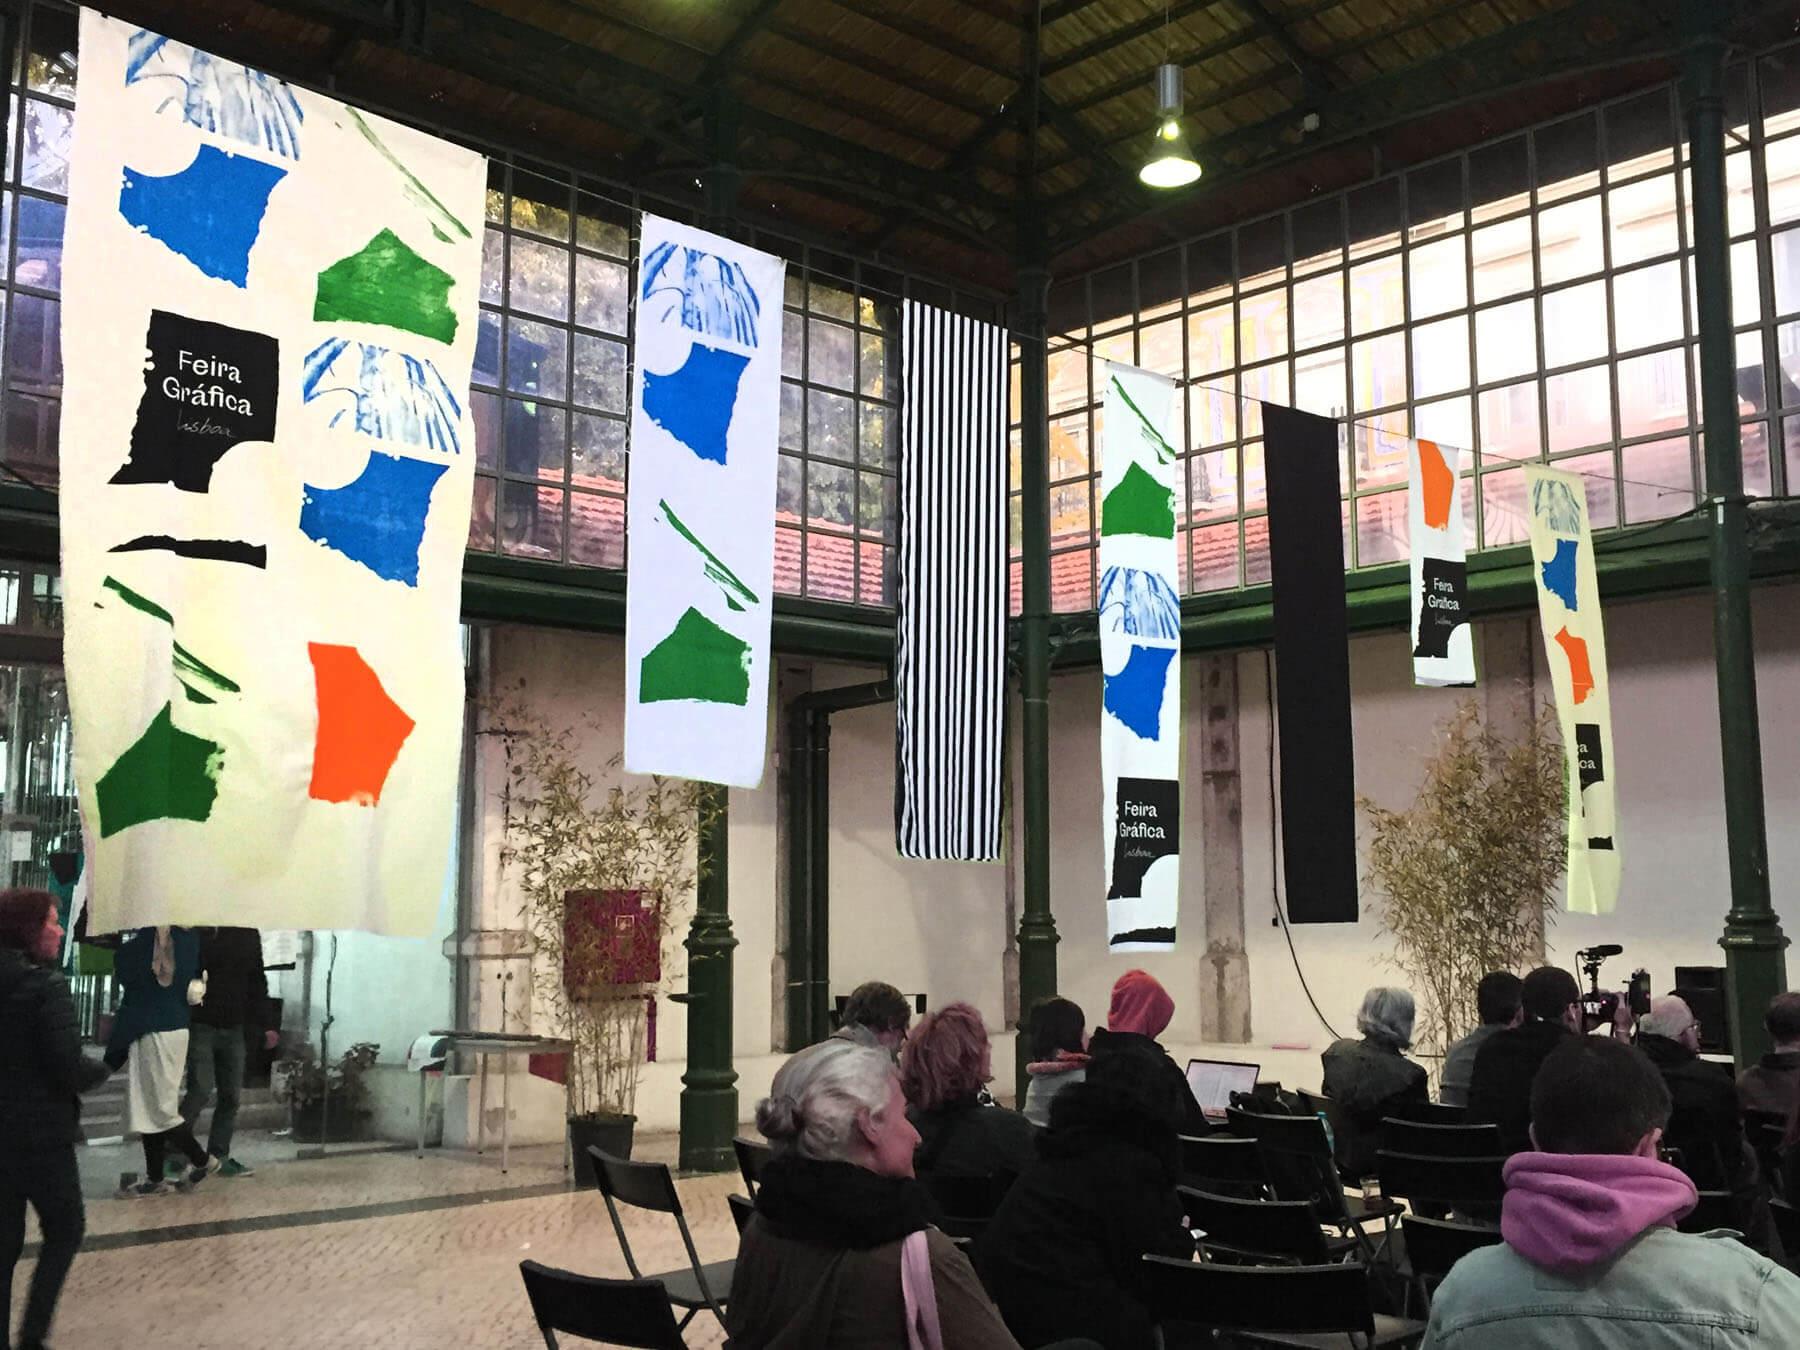 feira grafica 2018 isabel lucena 04